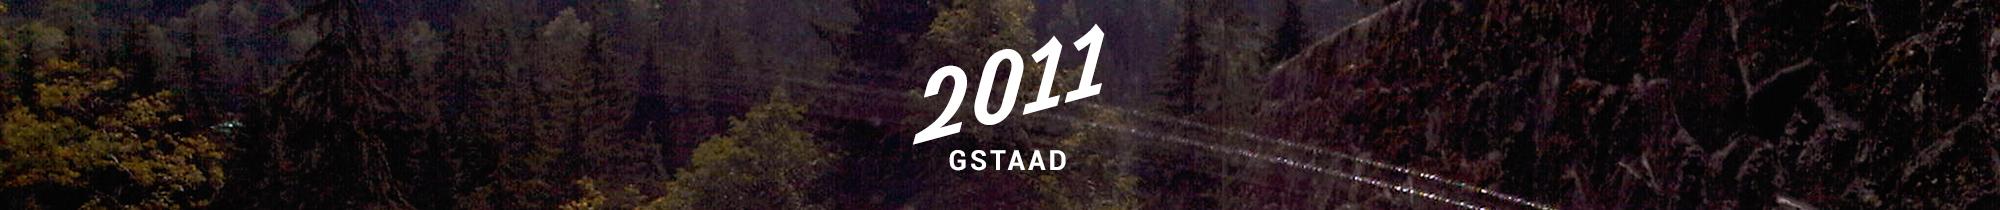 slidi-gstaad-01